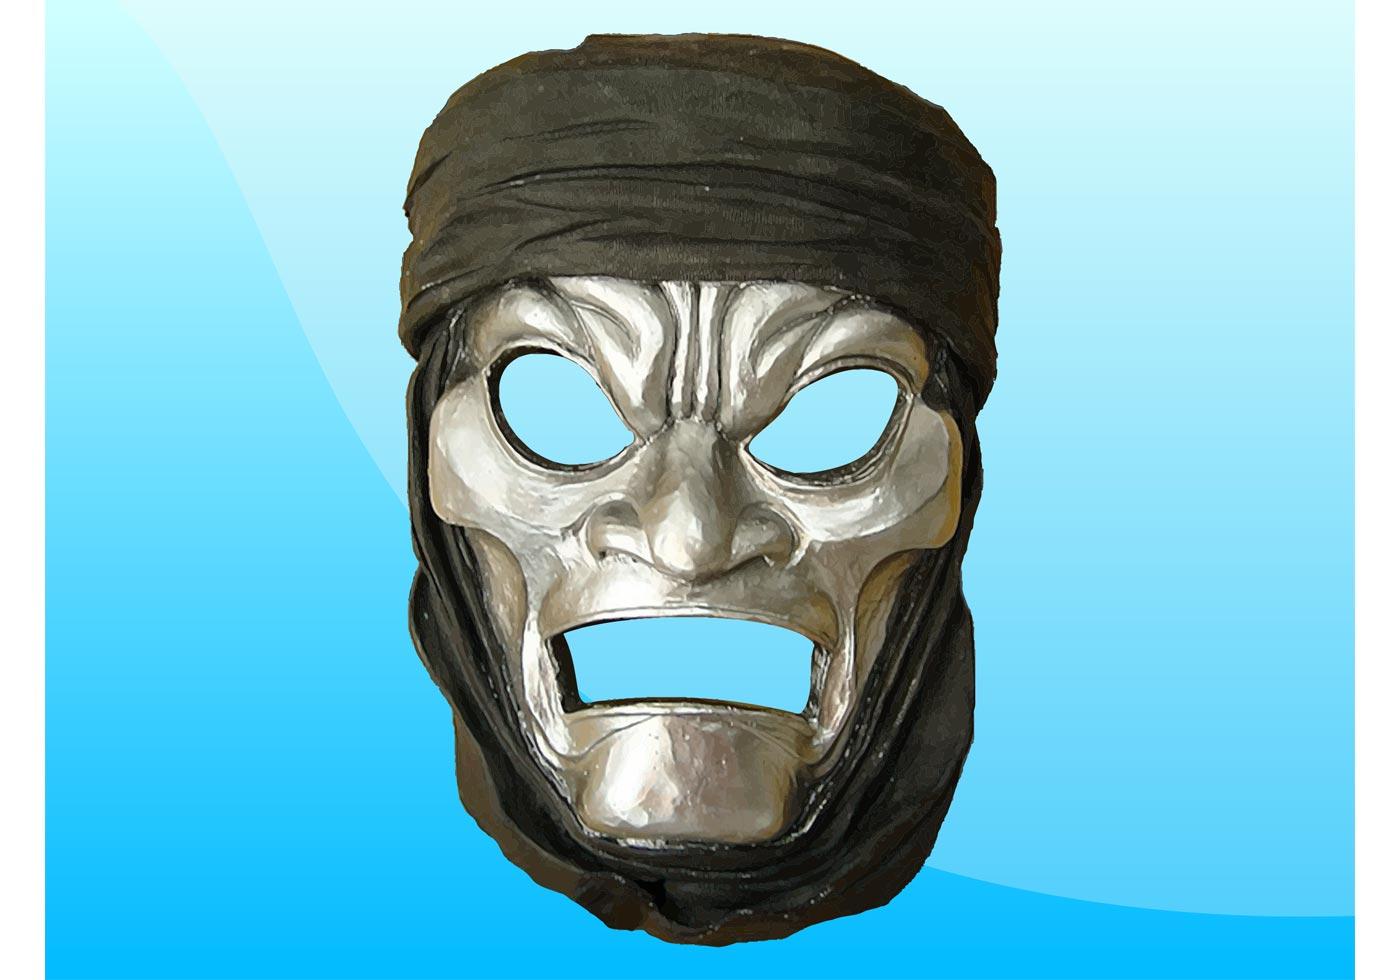 Immortals Mask - Download Free Vector Art, Stock Graphics ...